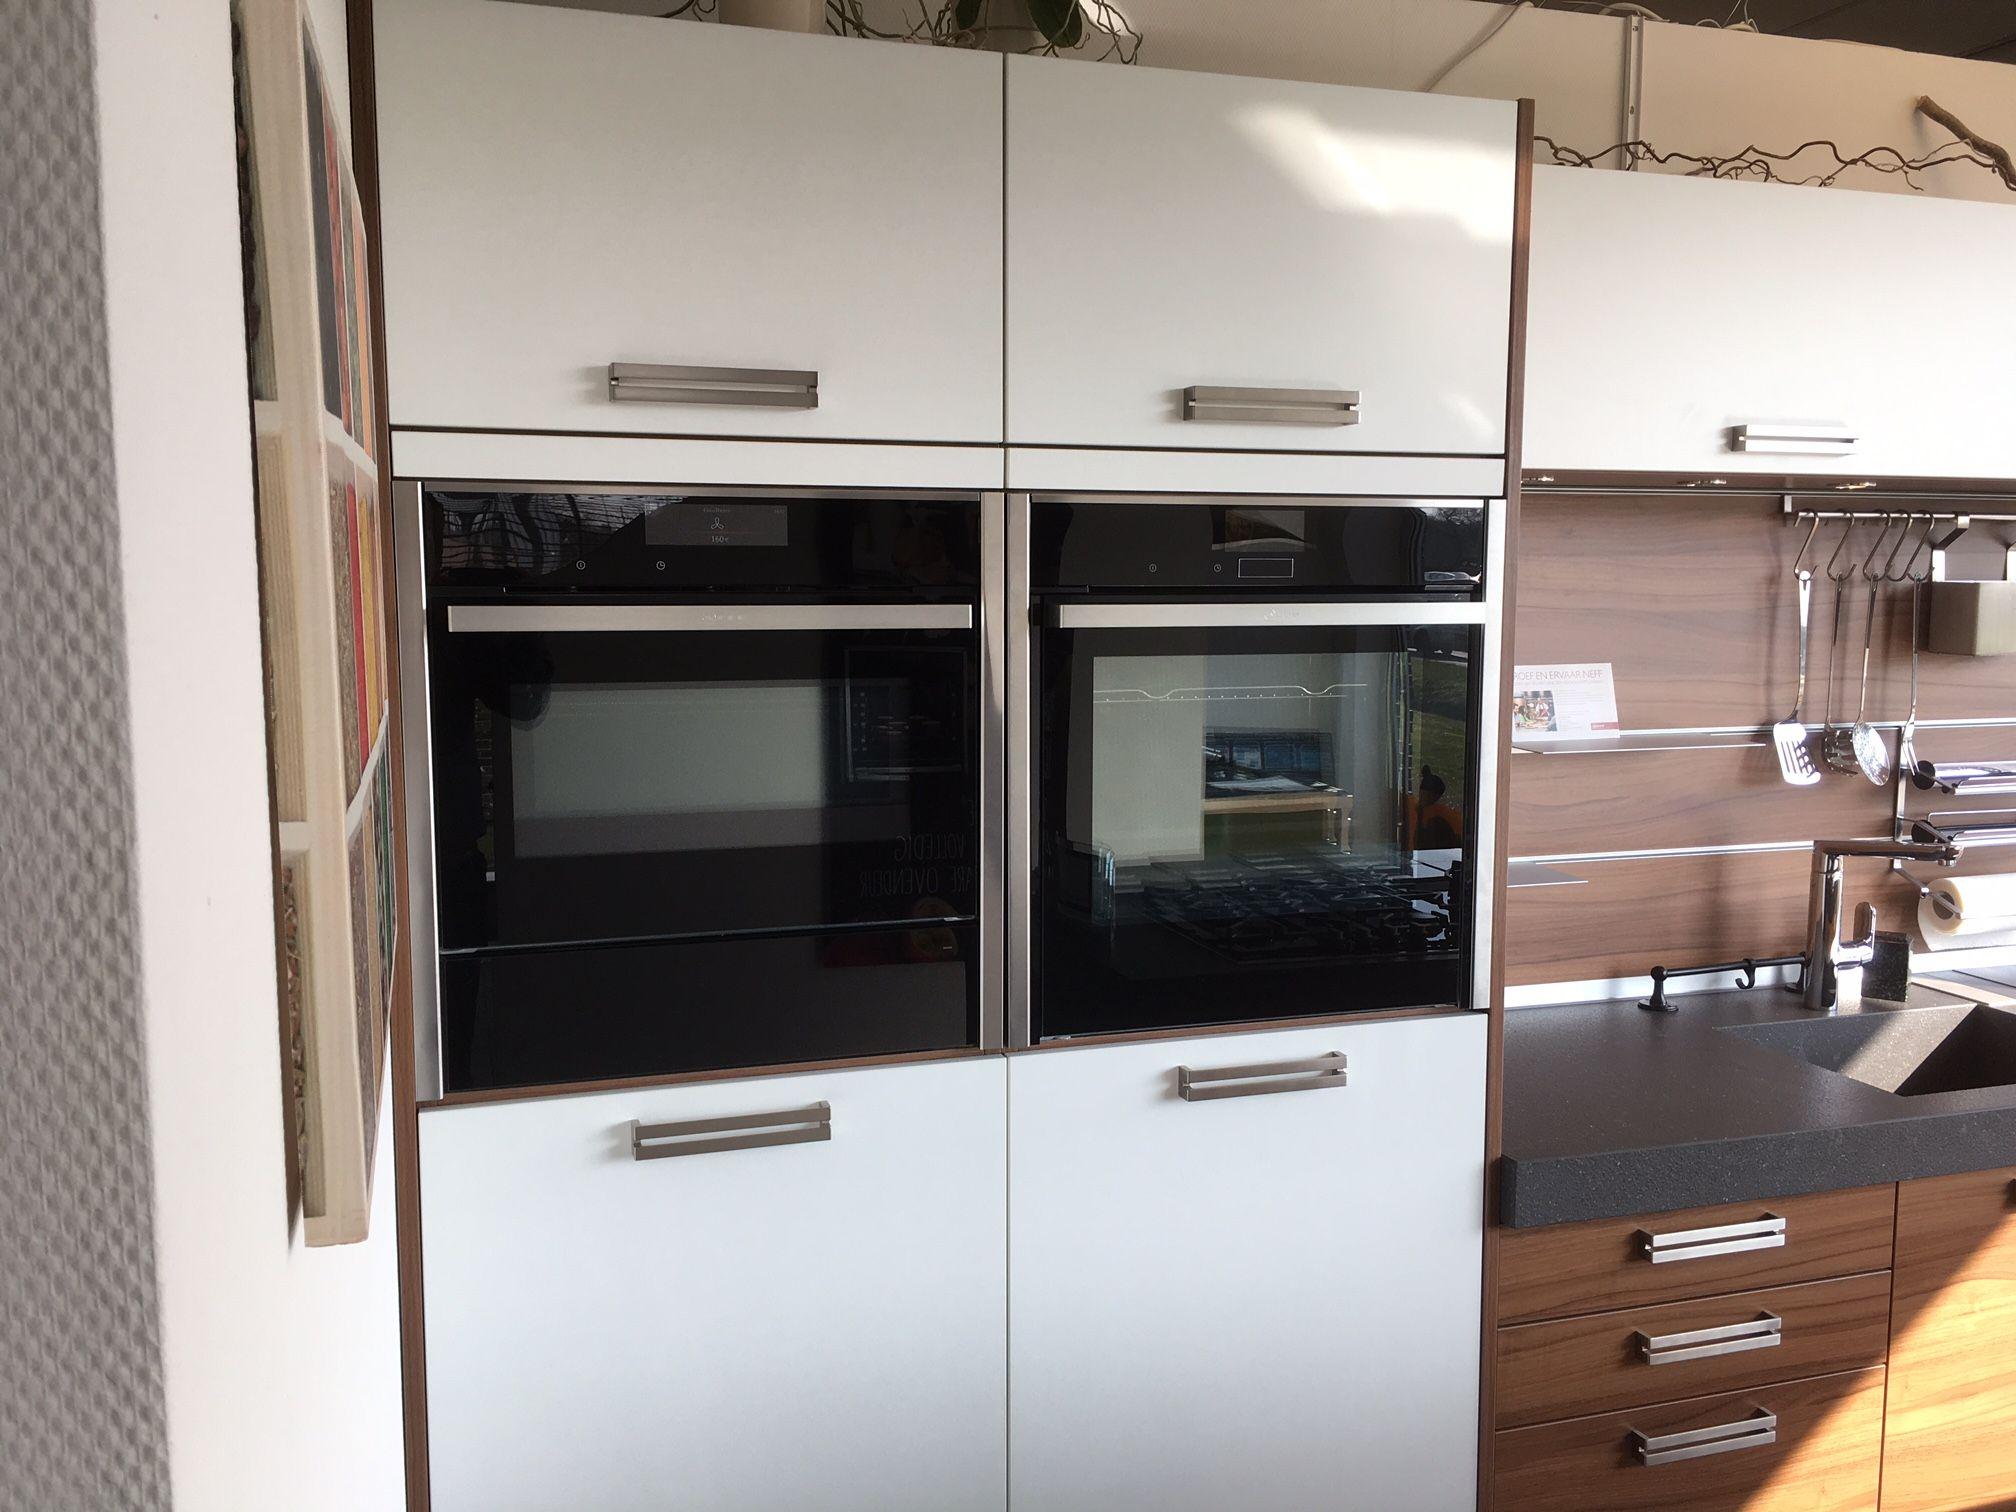 Luxe eiland keuken met top apparatuur 54111 - Keuken wit hout werkblad ...